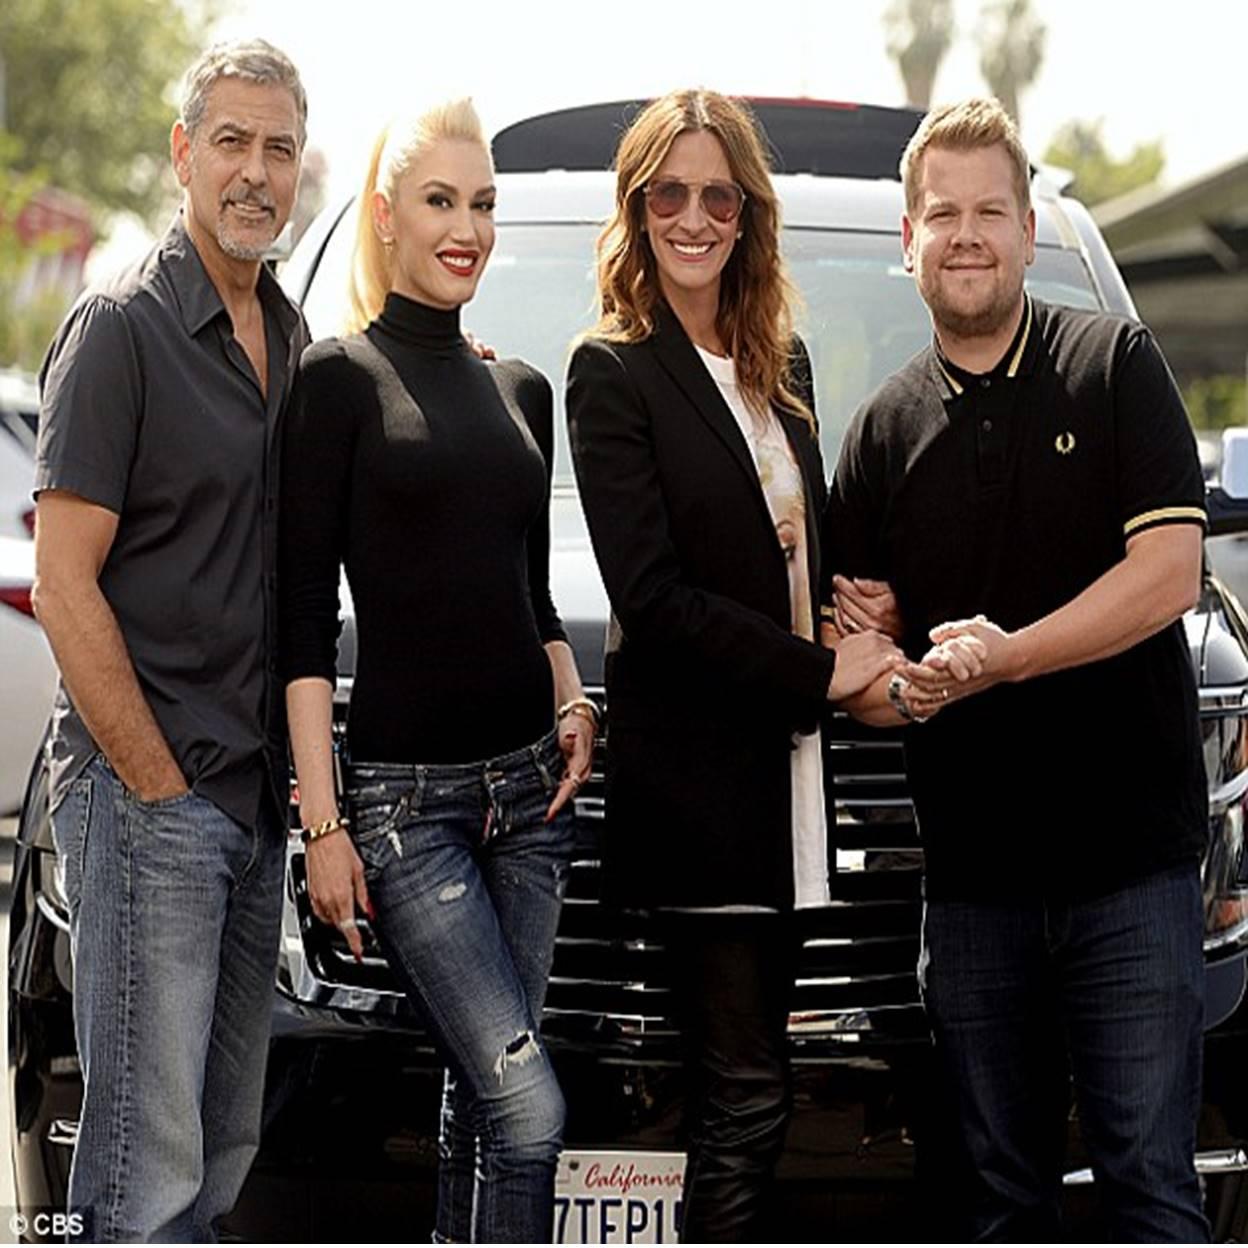 James Corden, George Clooney, Gwen Stefani, and Julia Roberts